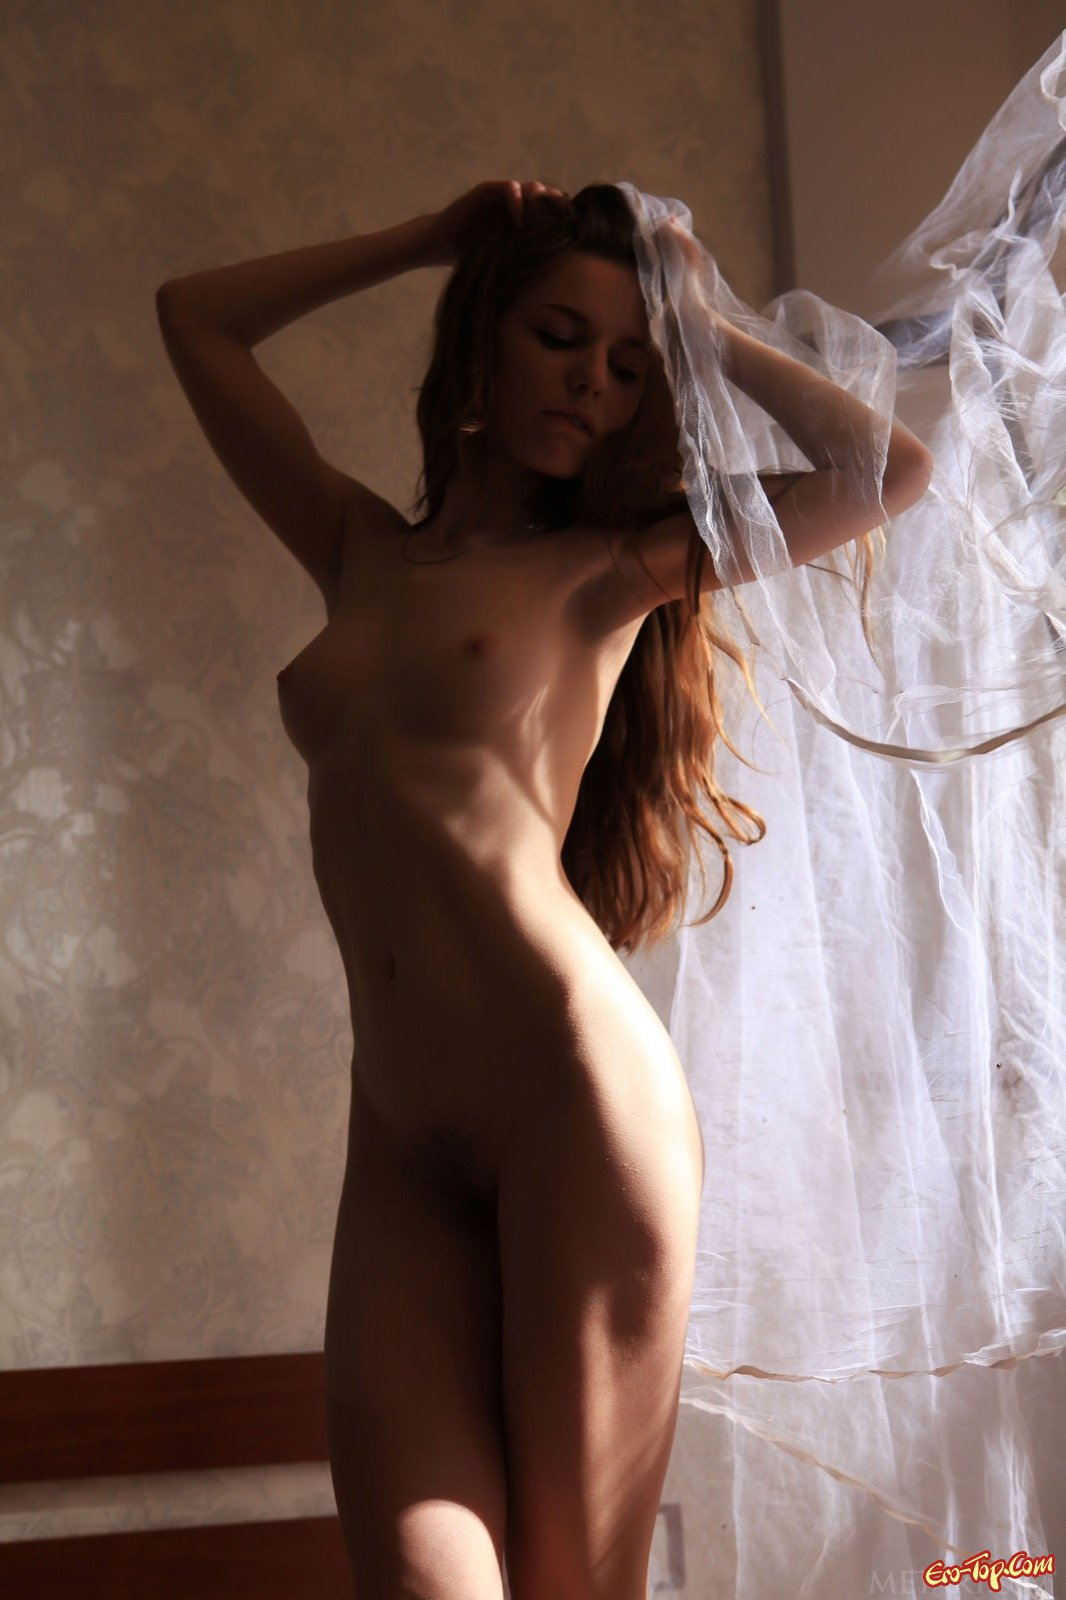 Симпатичная шатенка оголилась засветив худенькое тело